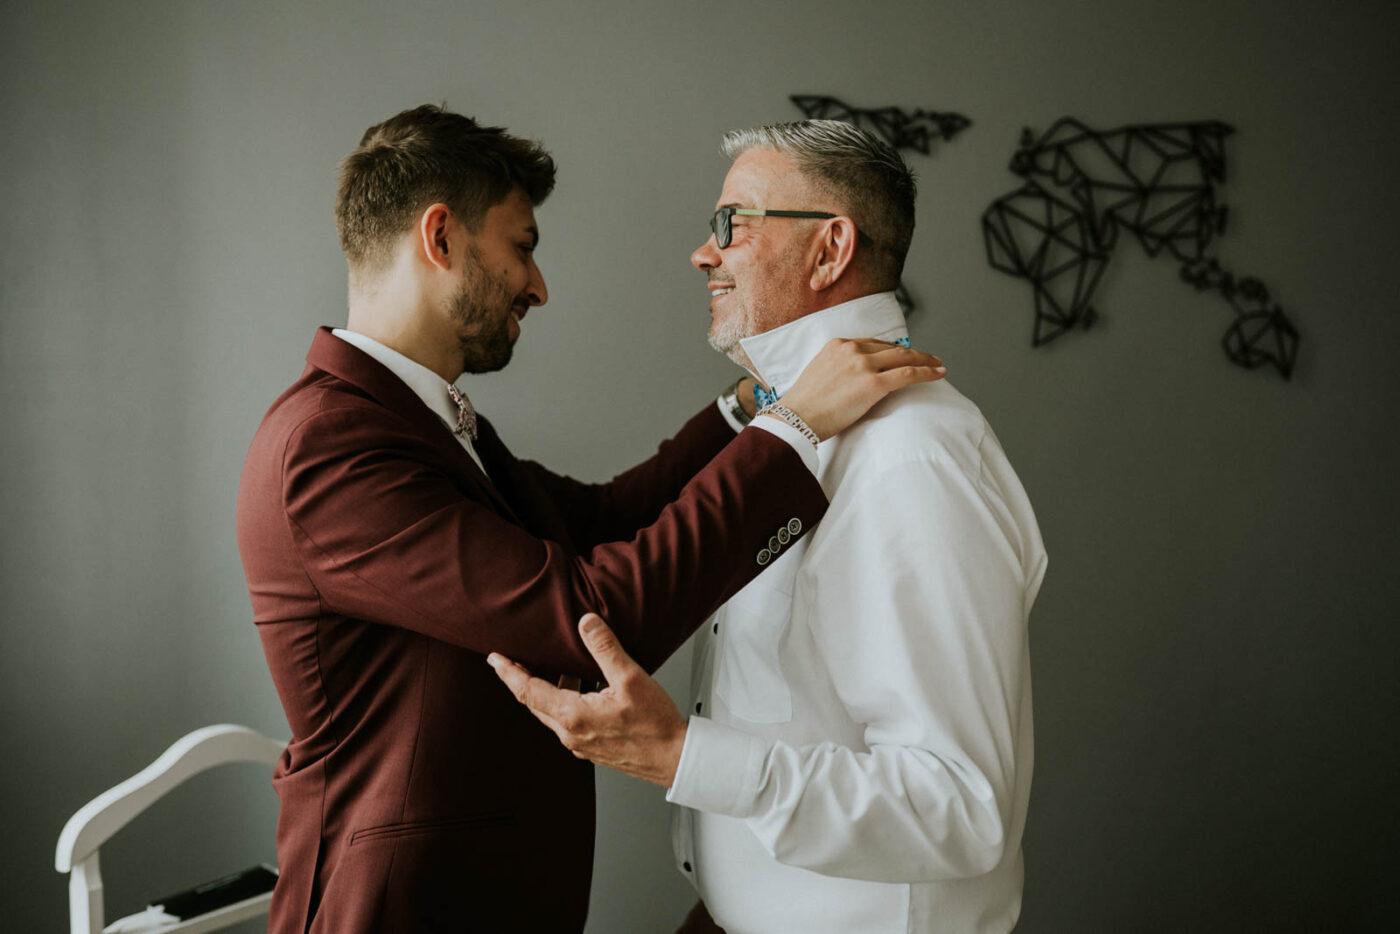 Le marié se prépare - Blandin Delhoye